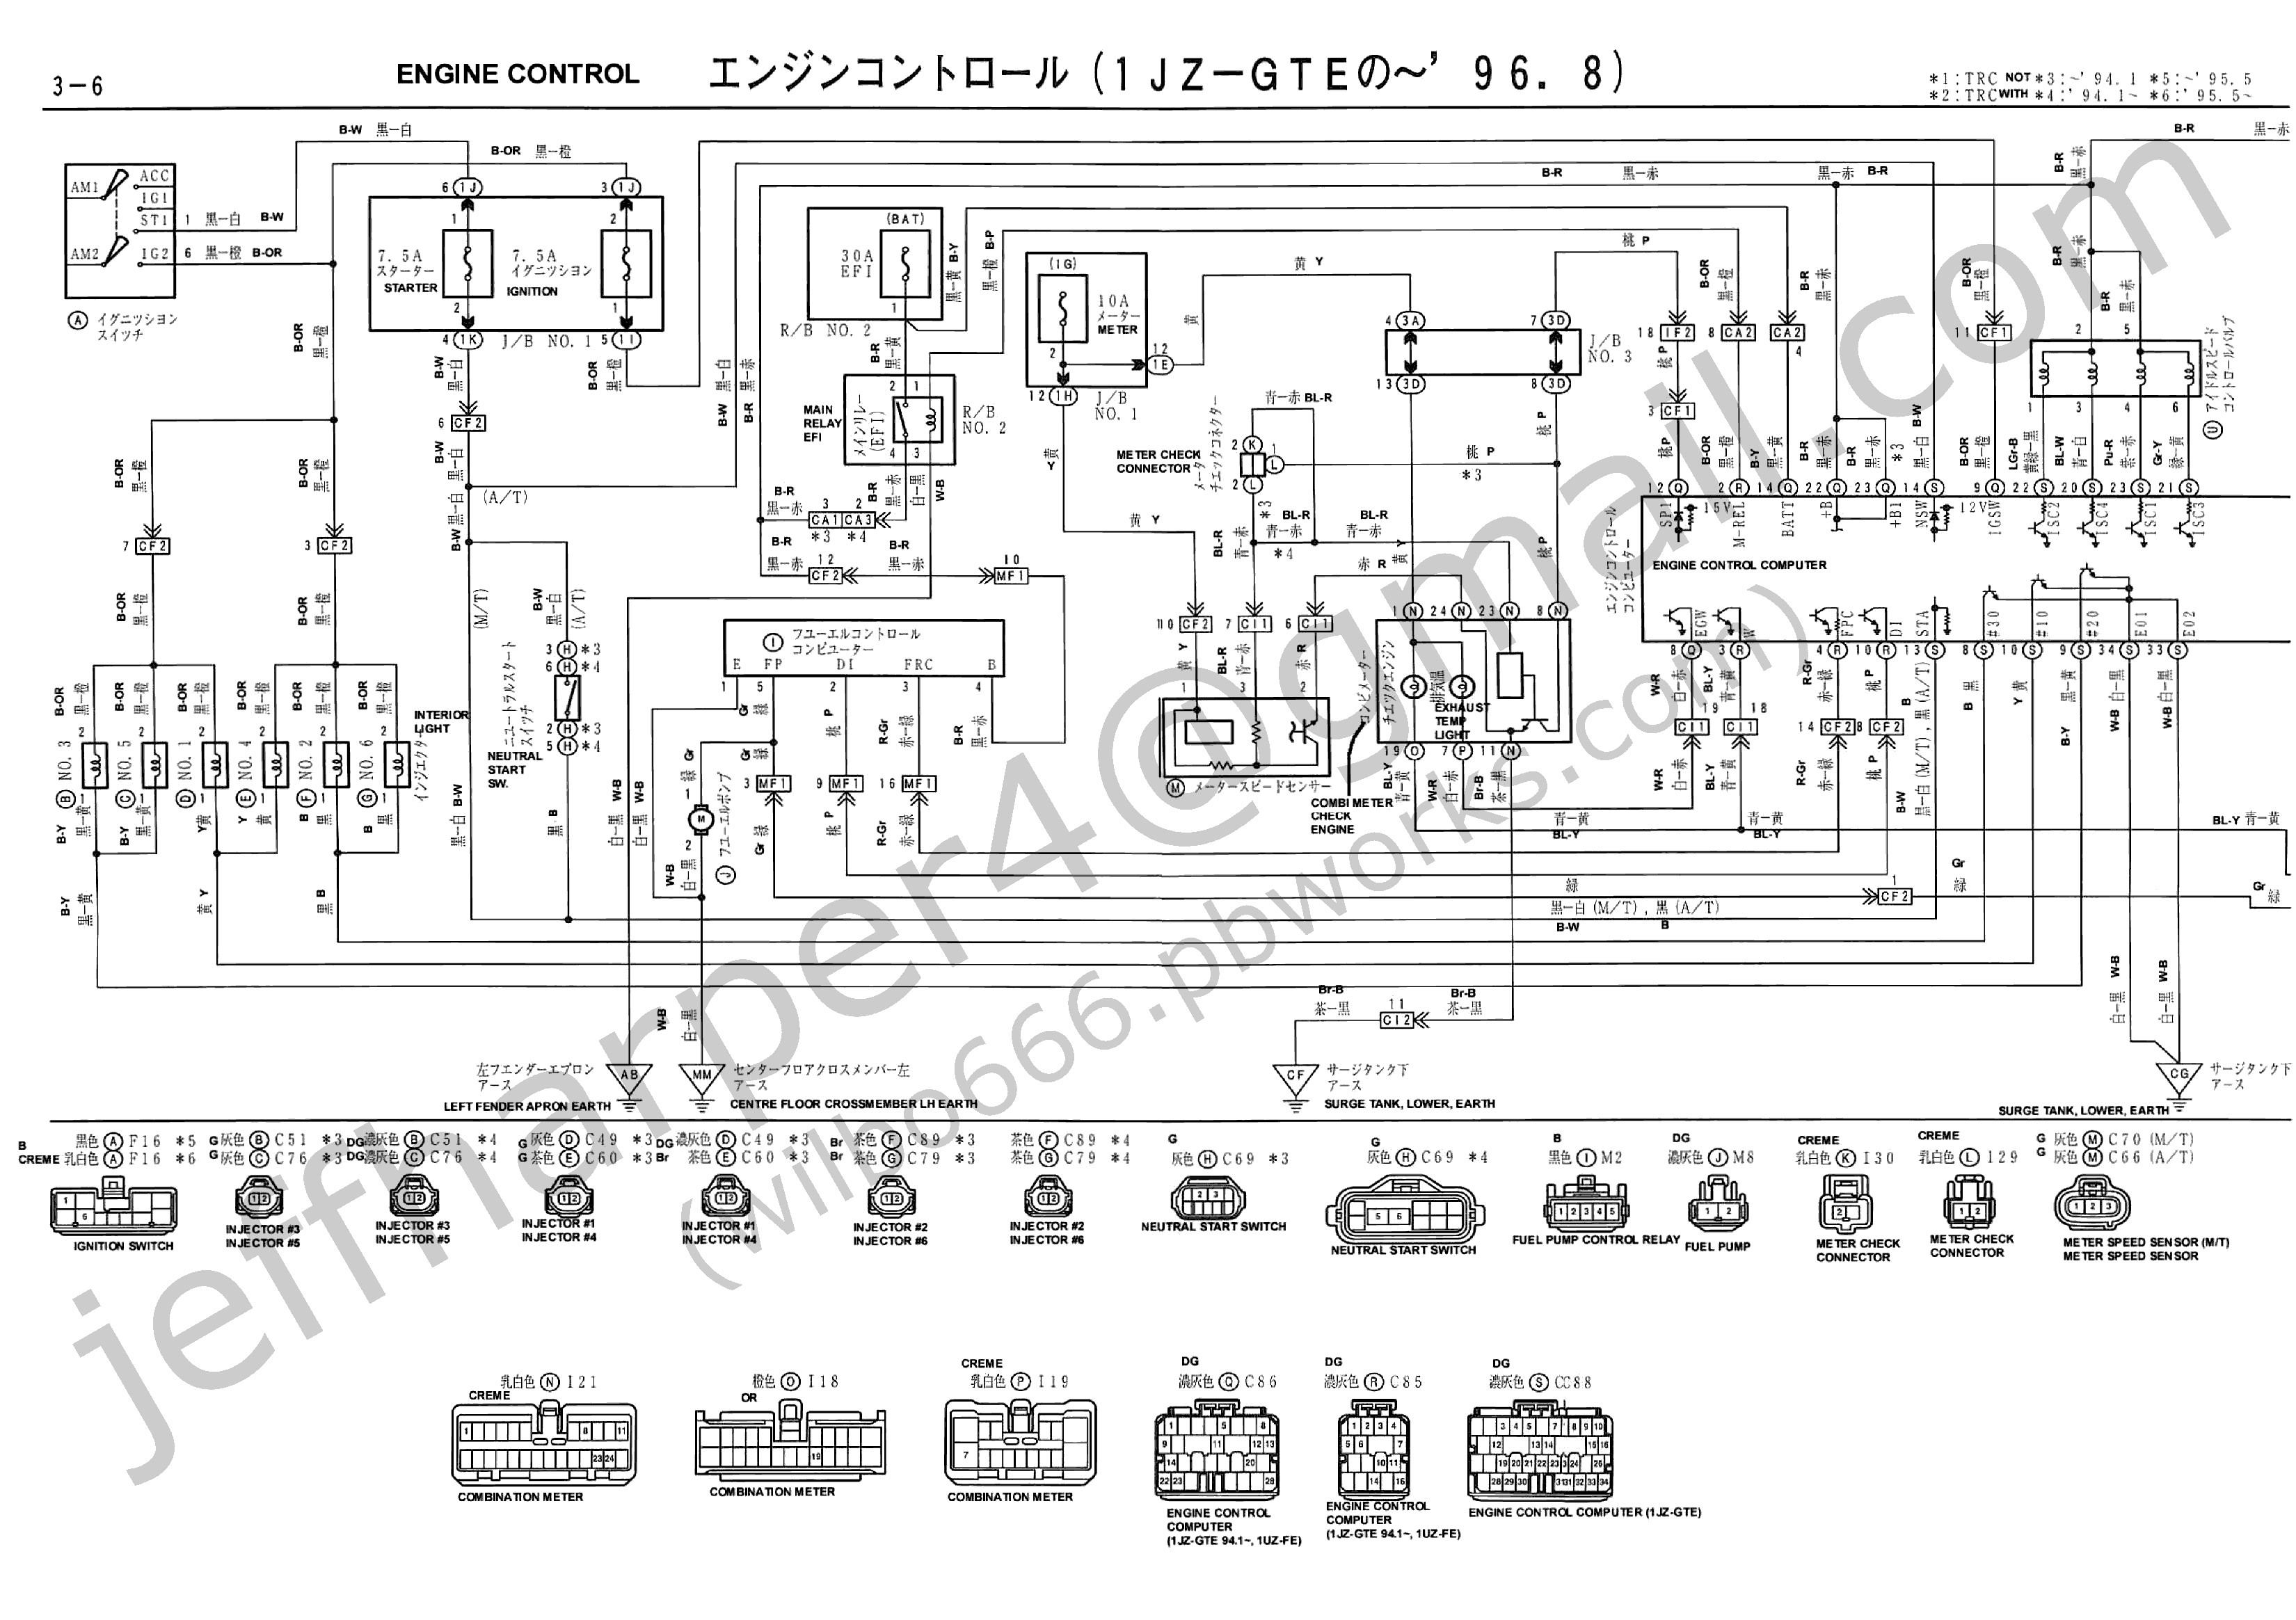 Toyota V6 3 0 Efi Engine Diagram Wilbo666 1jz Gte Jzz30 soarer Engine Wiring Of Toyota V6 3 0 Efi Engine Diagram